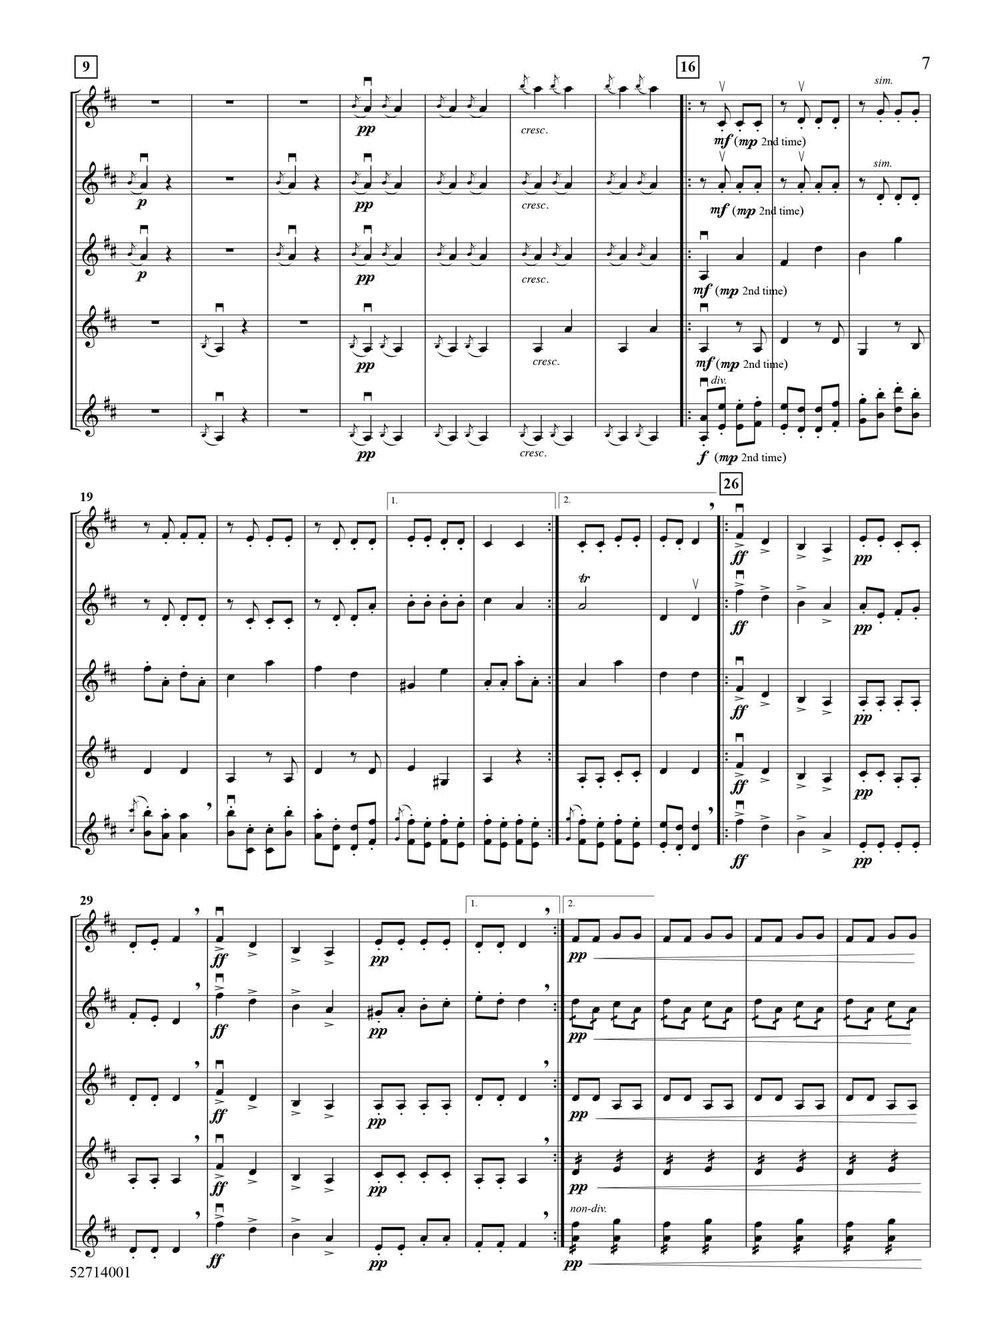 rondeau-des-metamorphoses-cancan-violin-quintet-score3.jpg